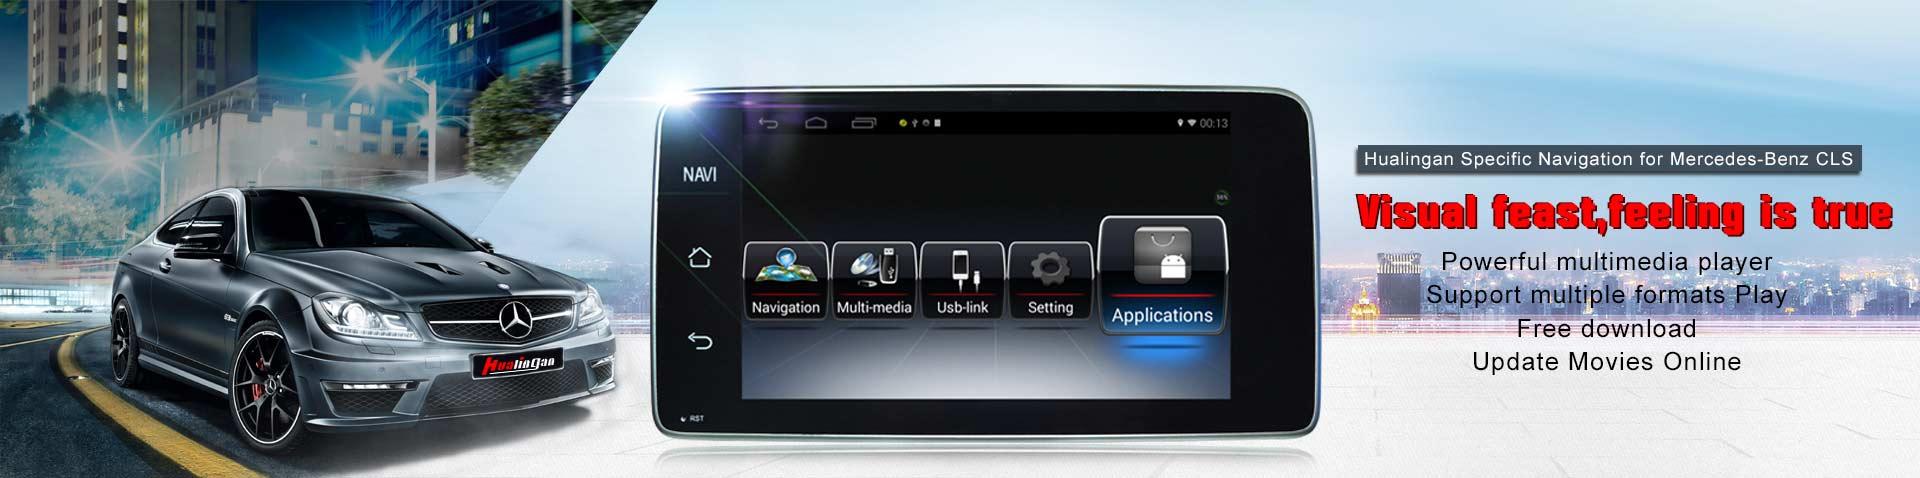 BENZ C dvd navigation